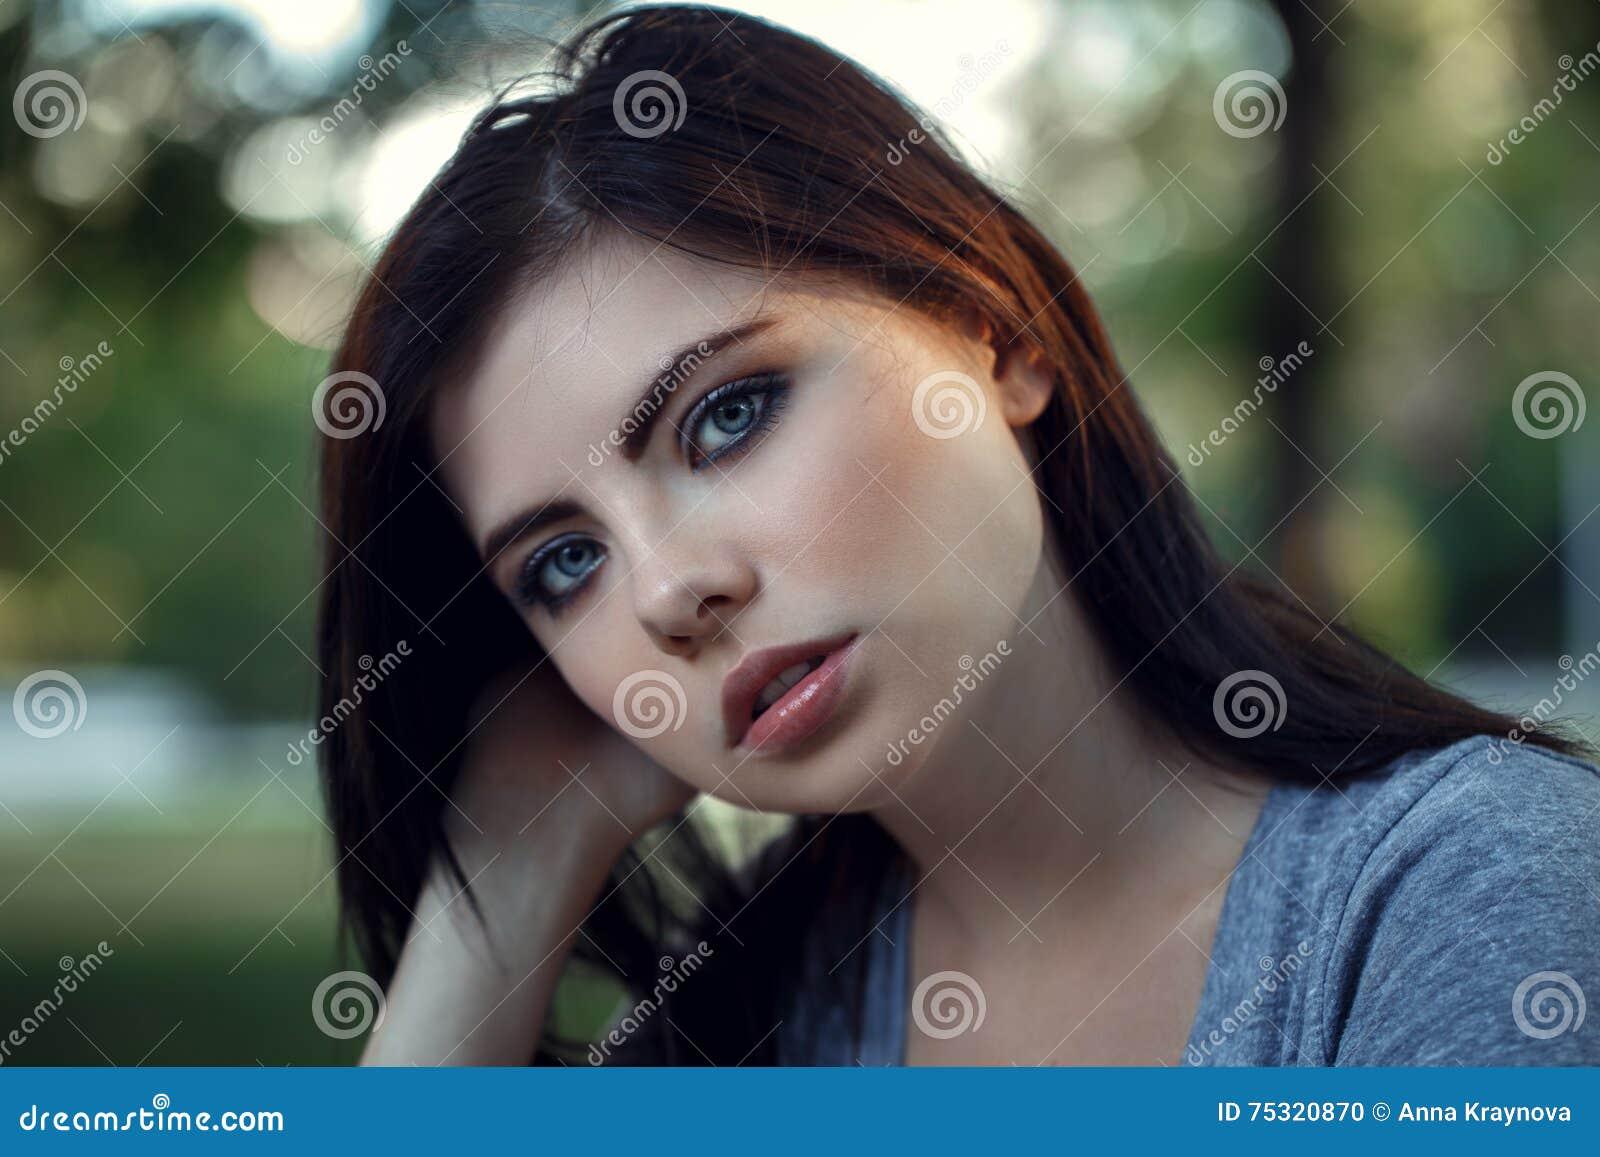 Nahaufnahmeportrat Der Schonen Jungen Kaukasischen Frau Mit Dem